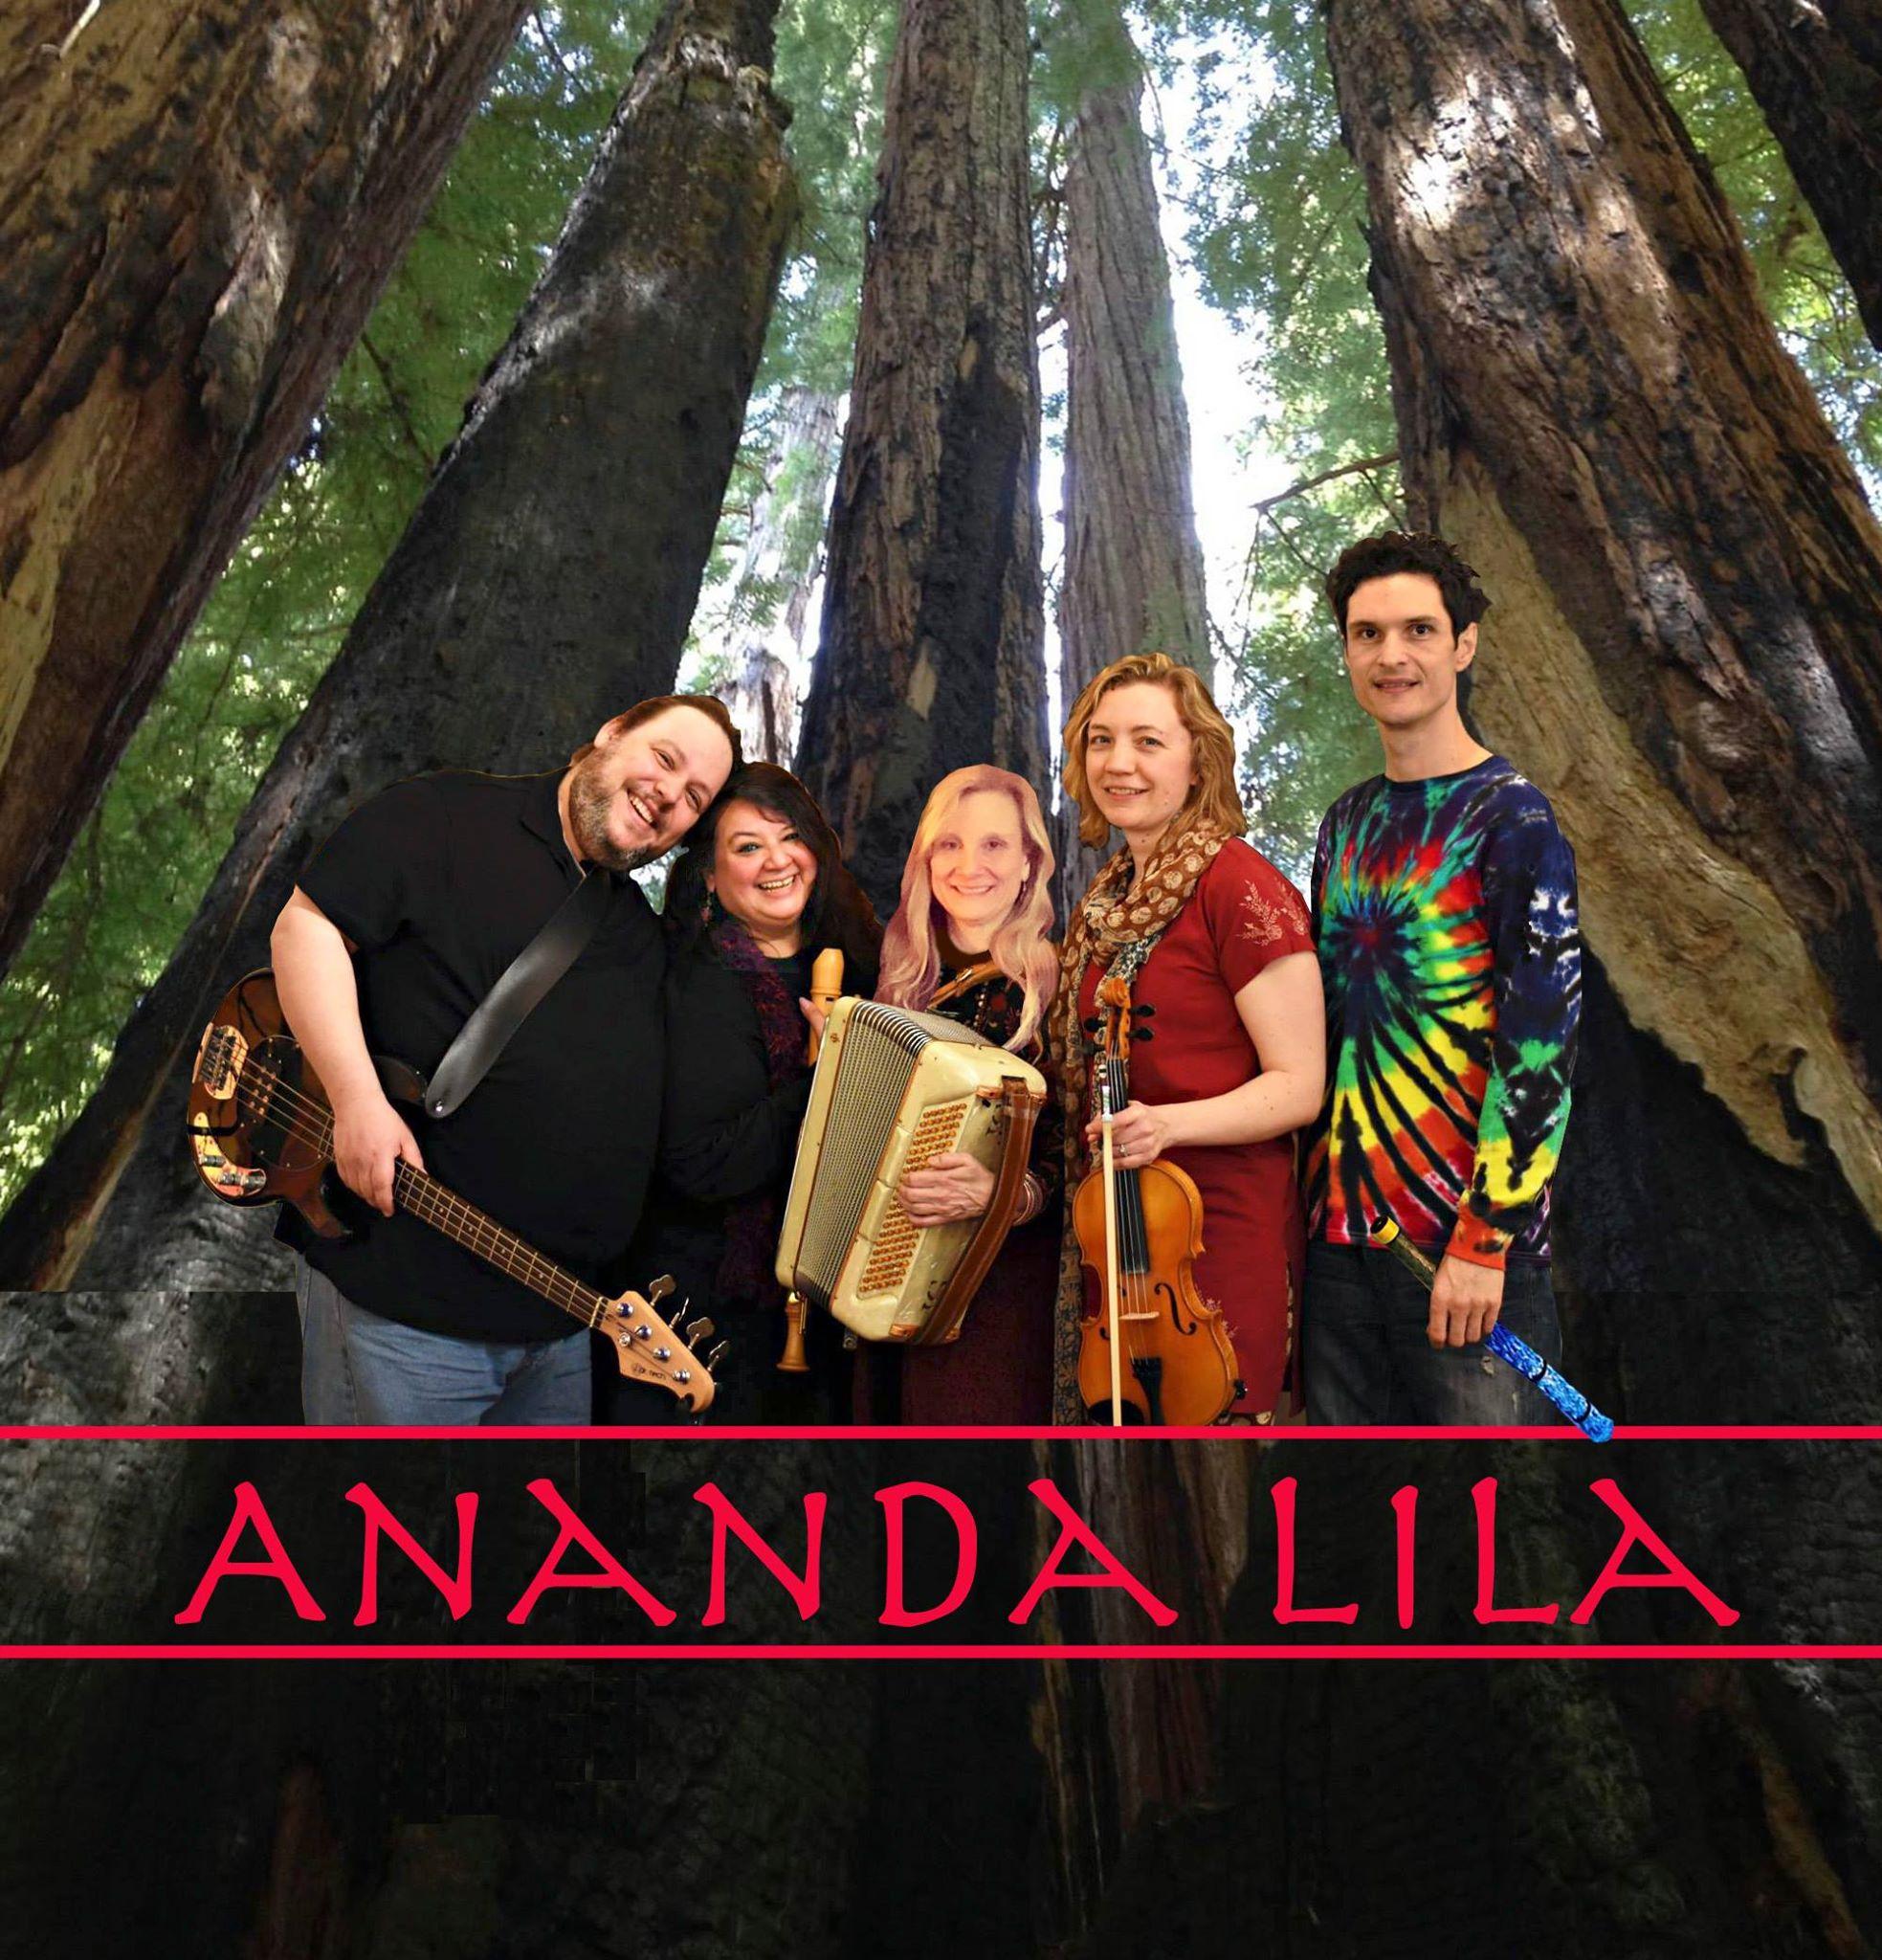 ananda2.jpg